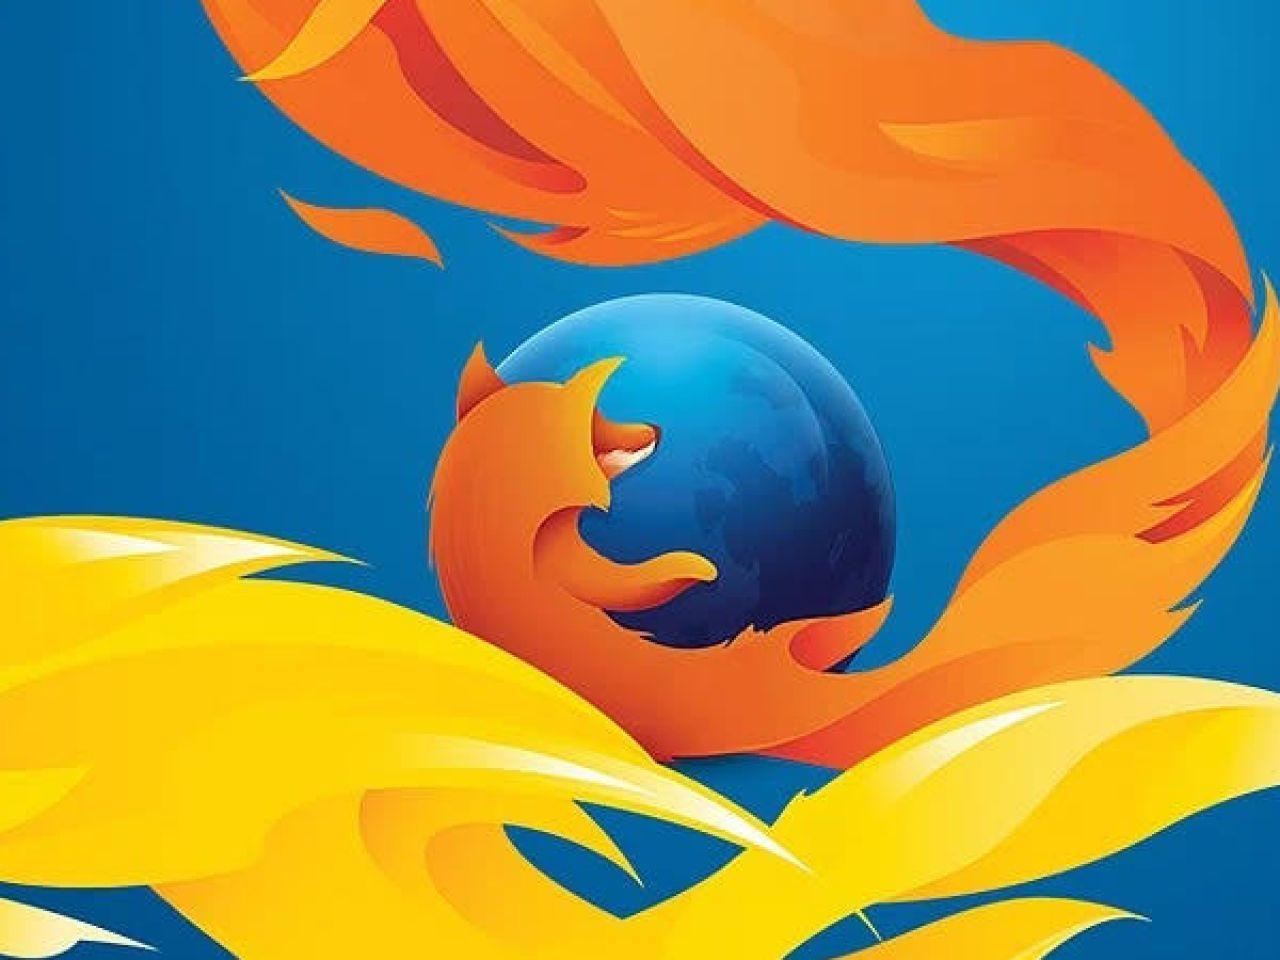 9月の「Firefox 69」で「Flash」プラグインをデフォルト無効に